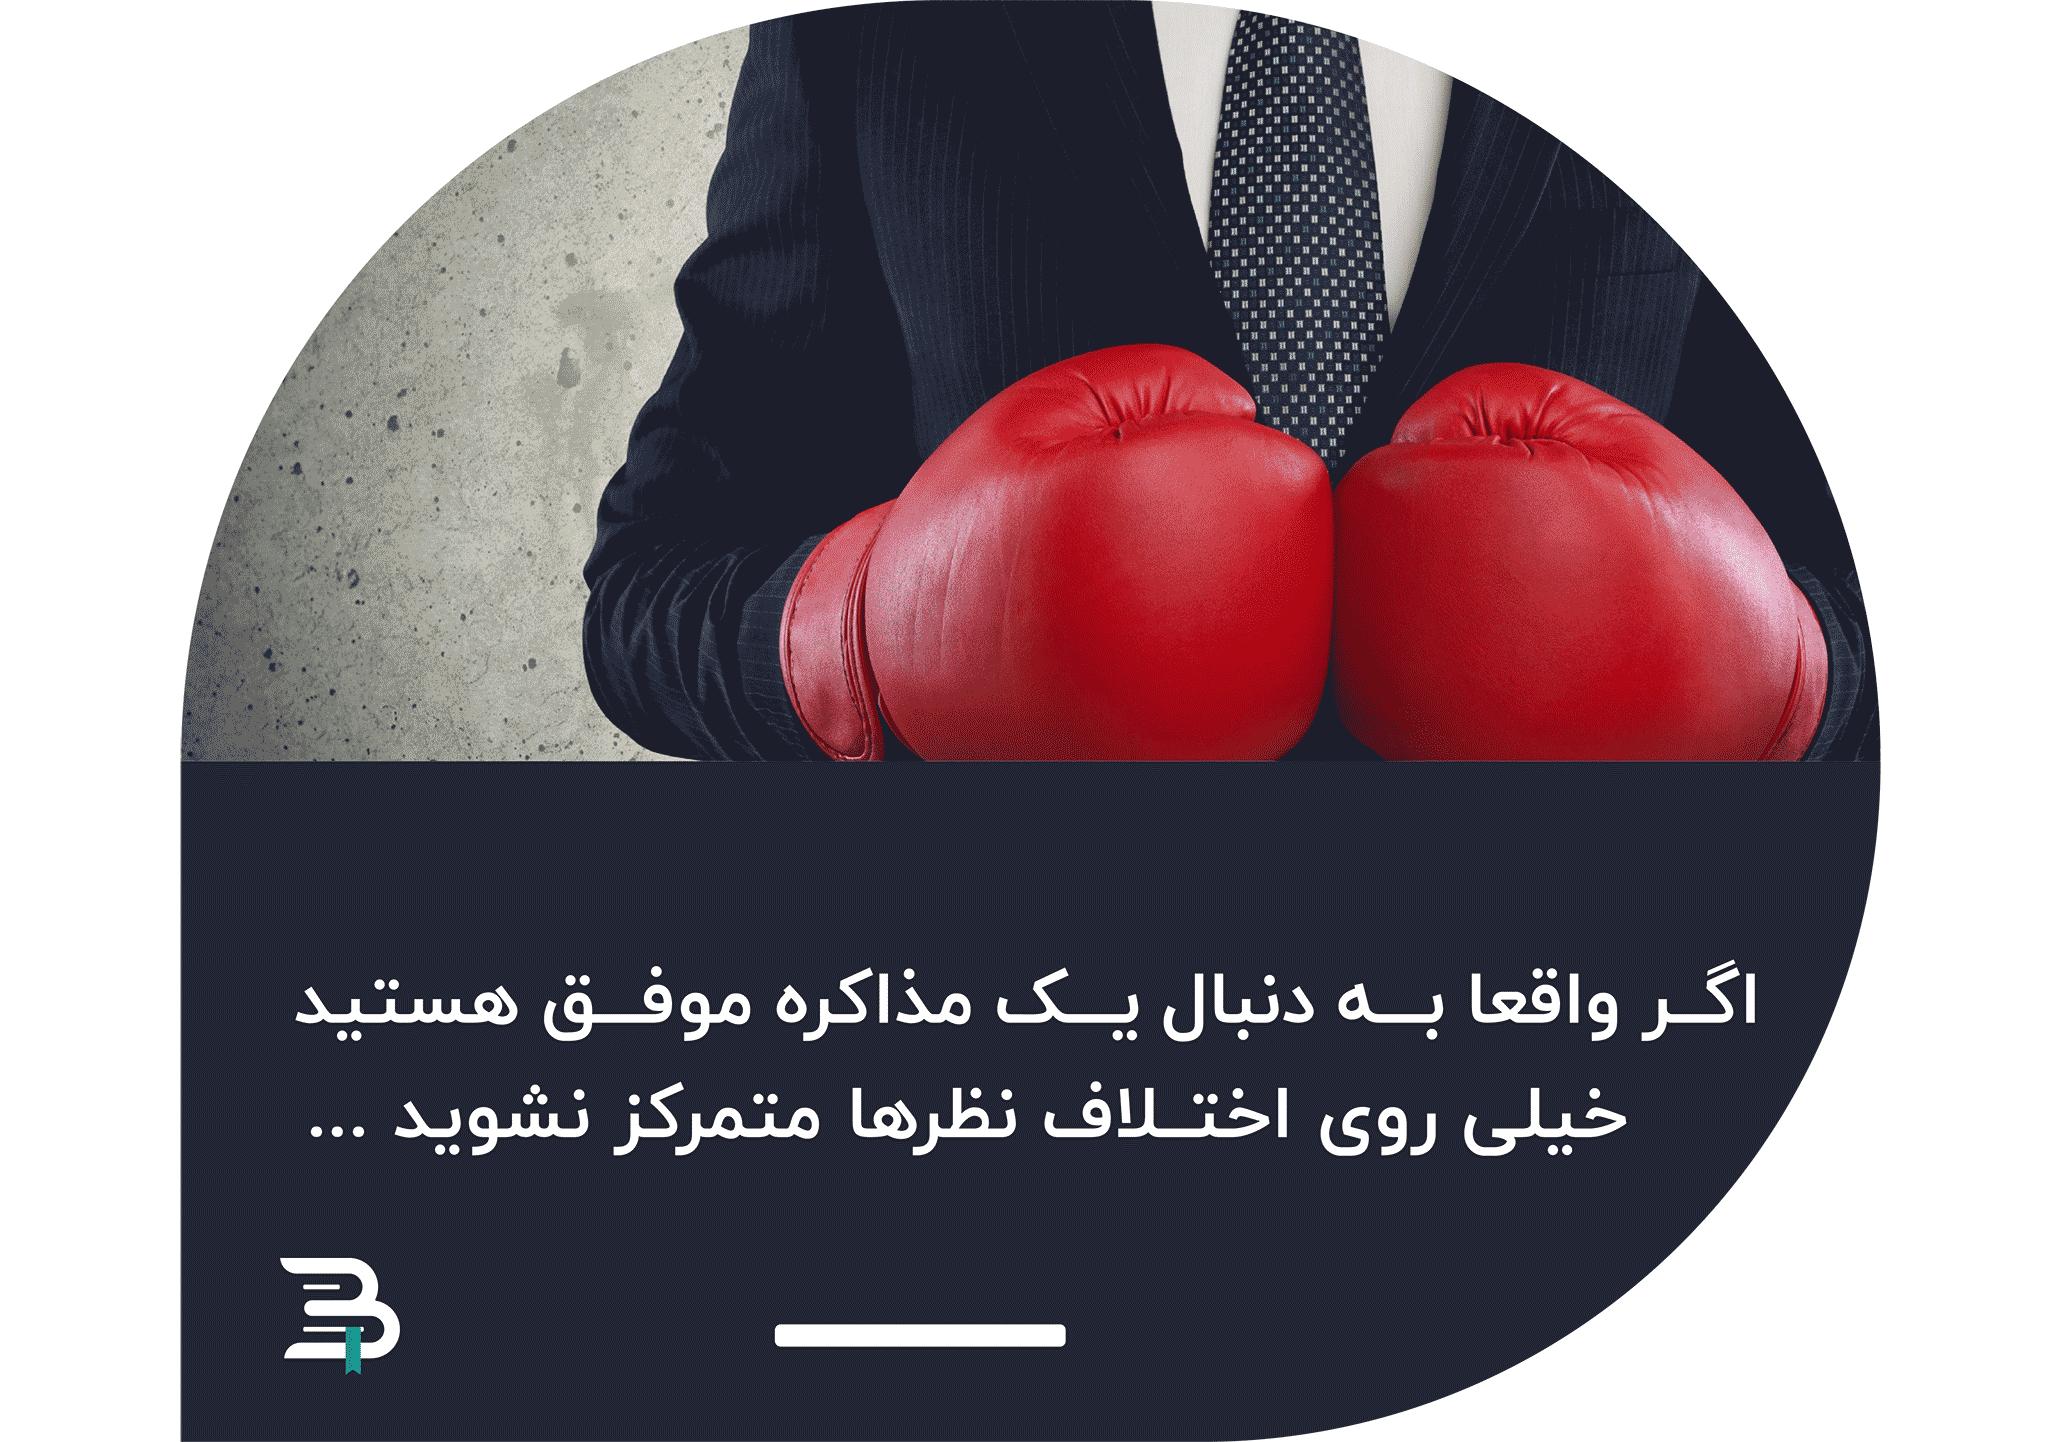 برای موفقیت در مذاکره بر اختلاف نظرها پافشاری نکنید